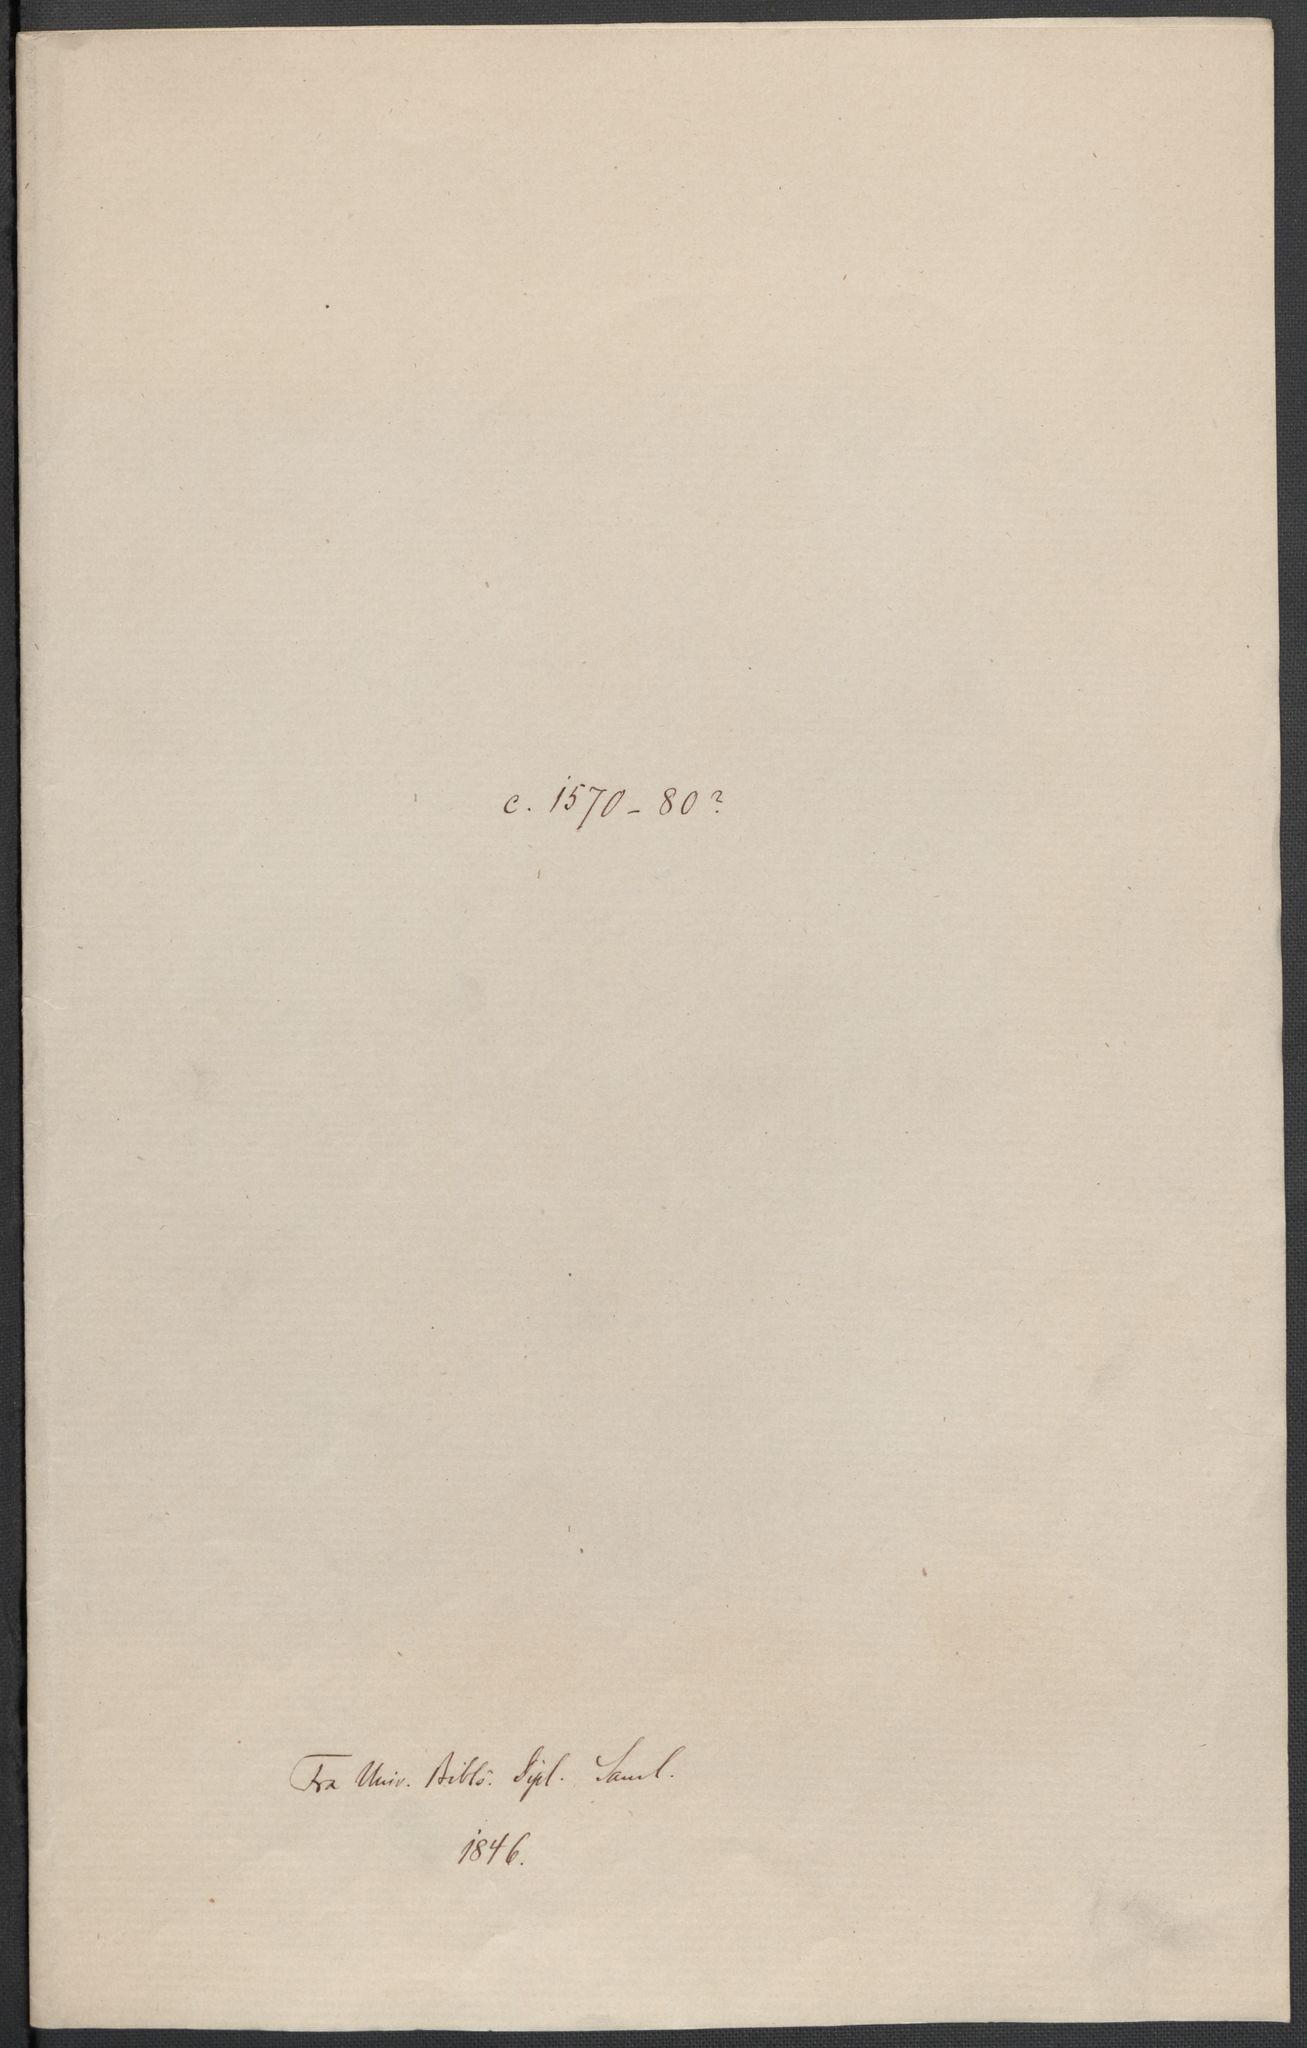 RA, Riksarkivets diplomsamling, F02/L0082: Dokumenter, 1580, s. 57